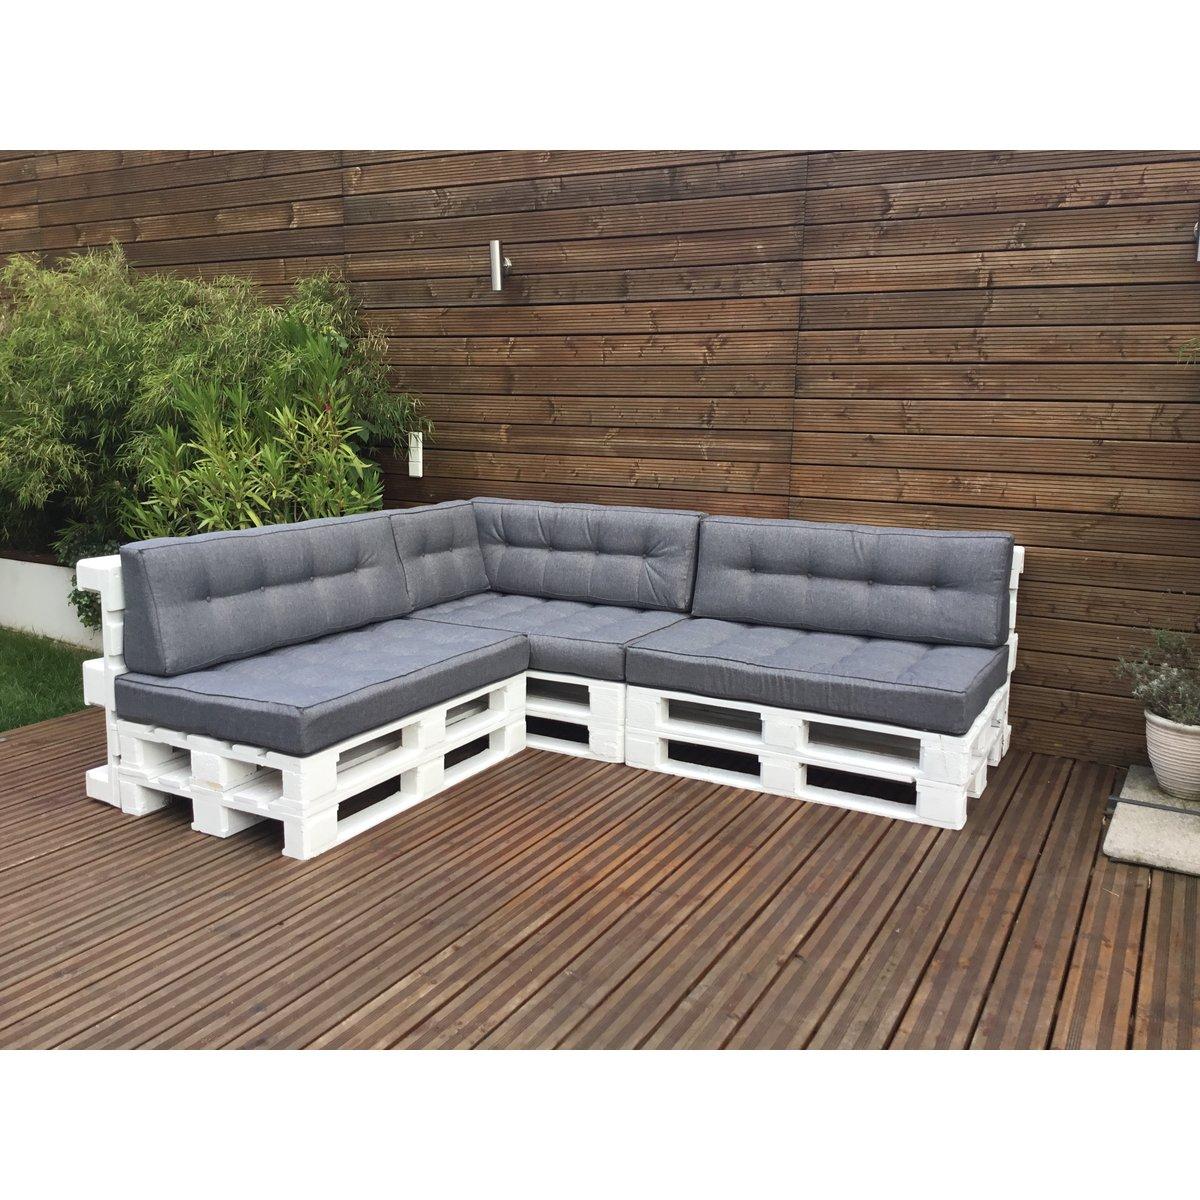 palettenkissen palettenauflage sitzkissen sofa euro paletten polster